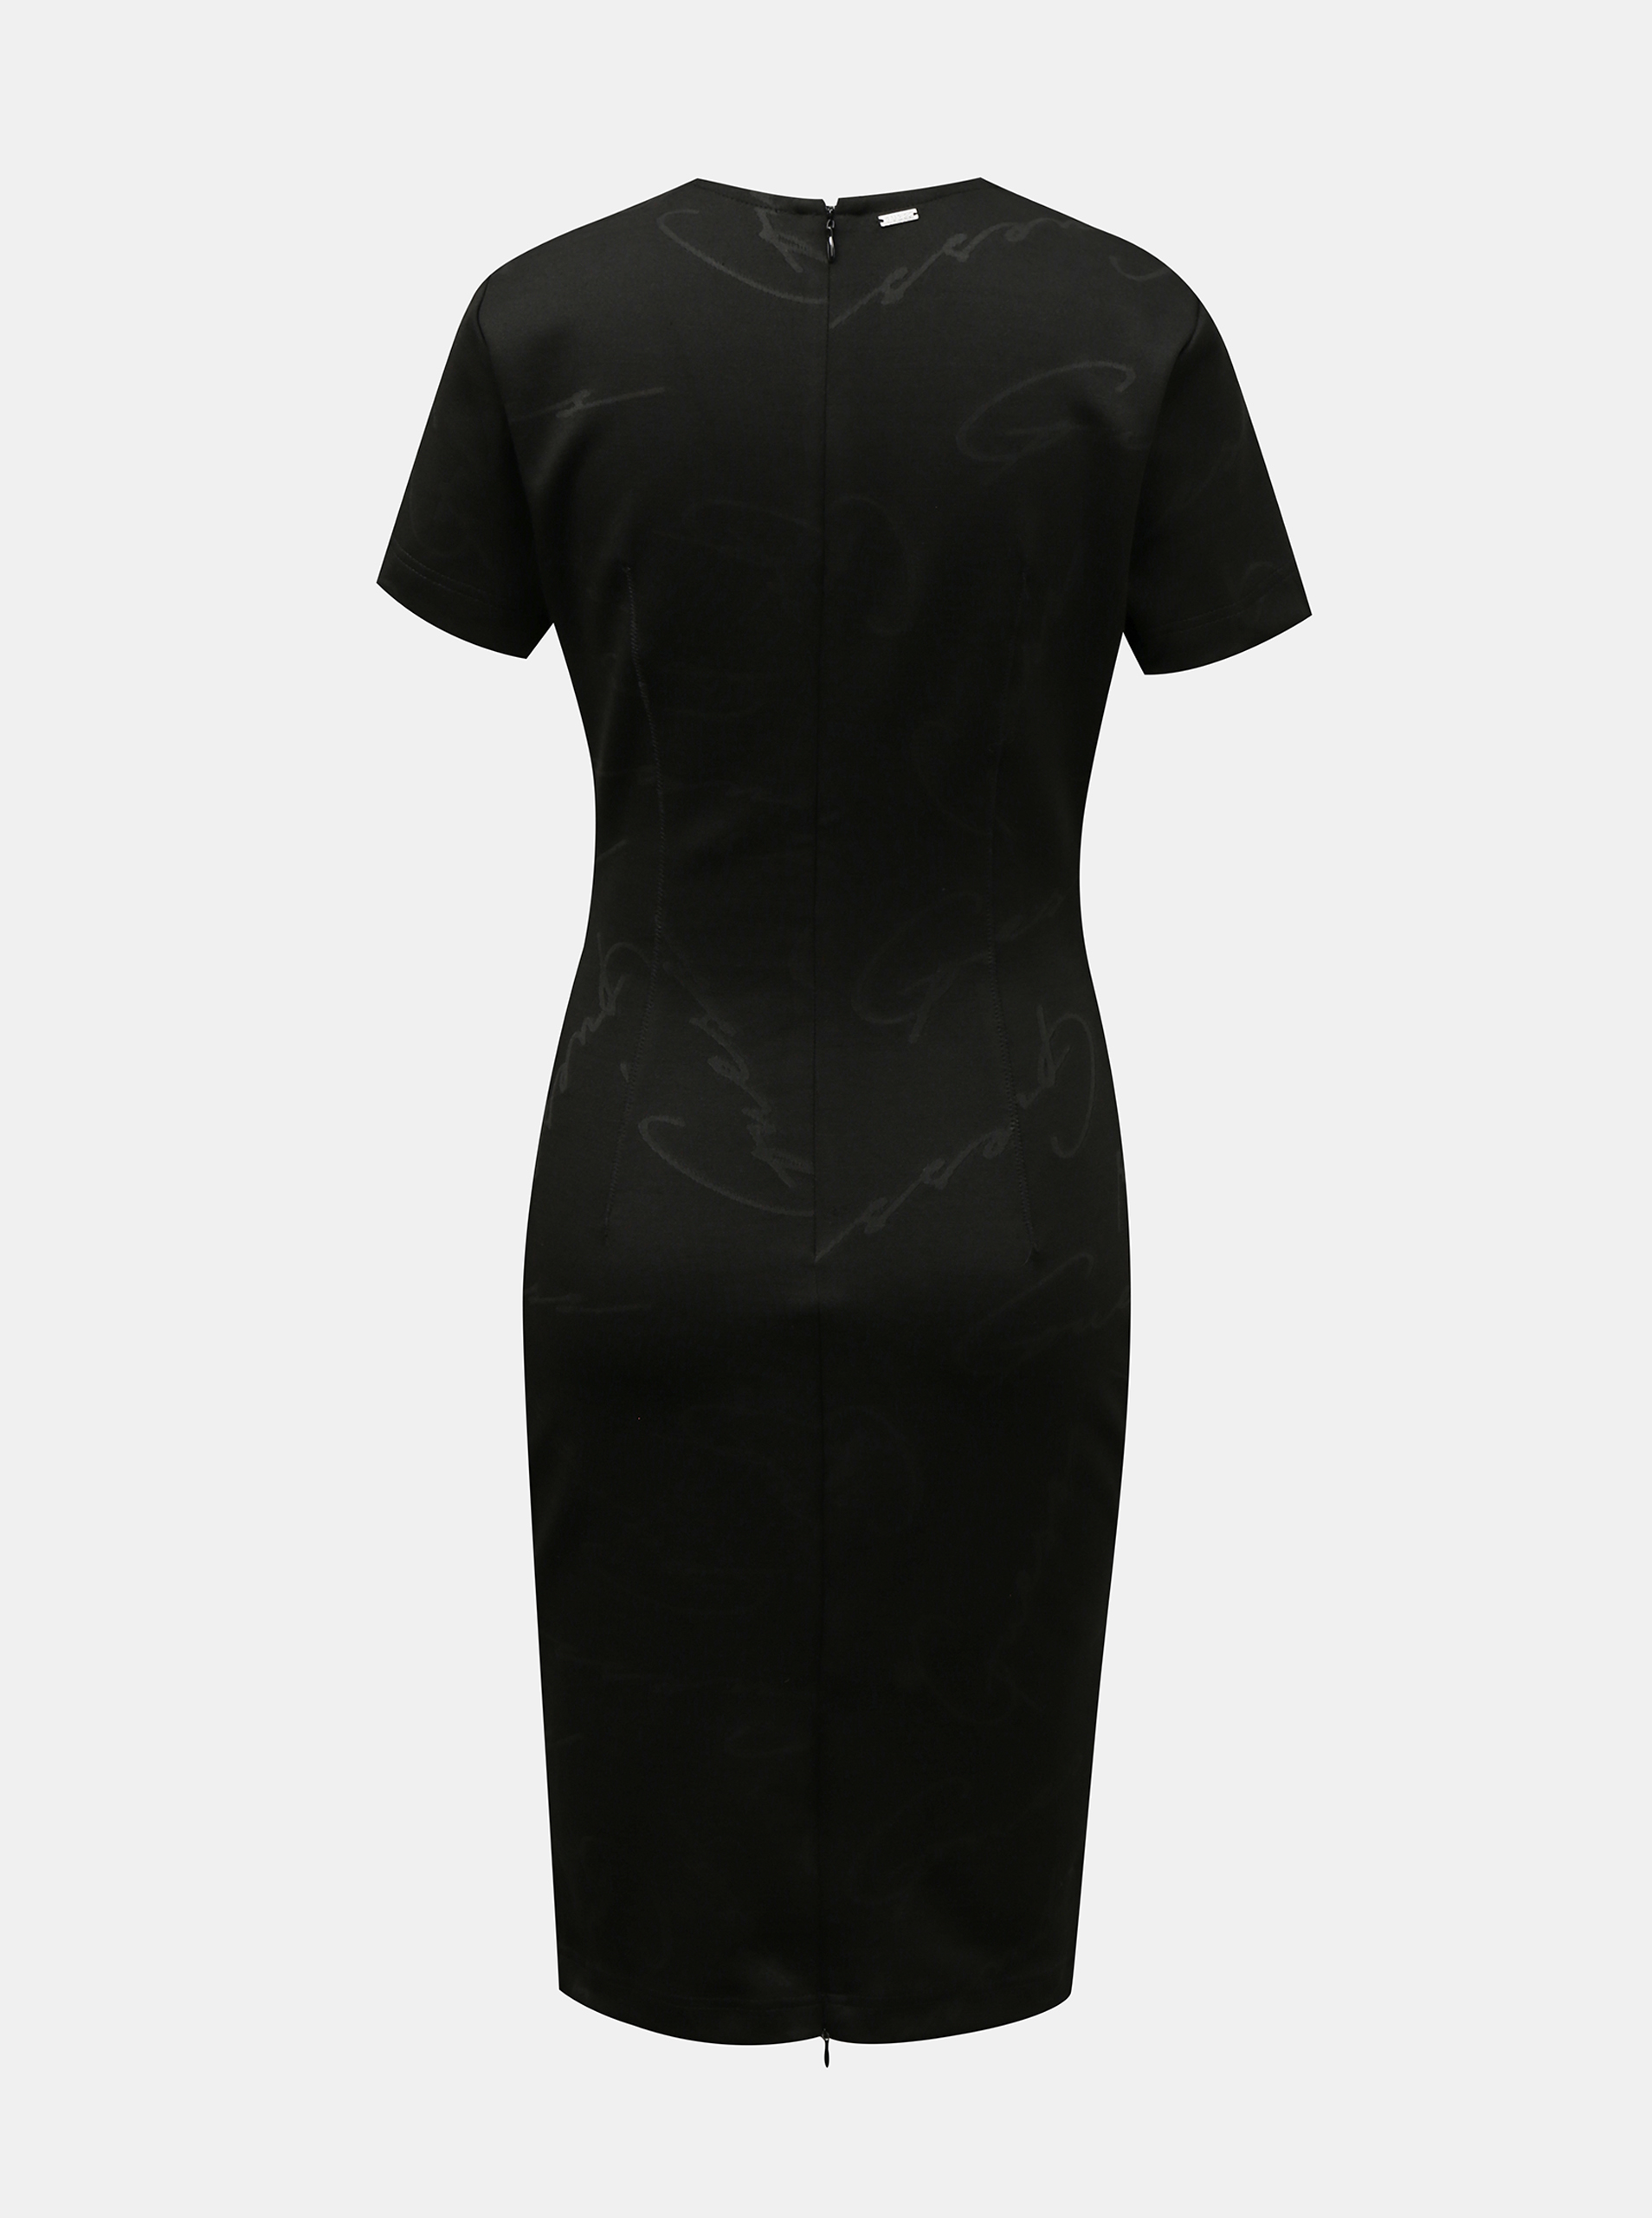 Guess šaty Rhoda s logem